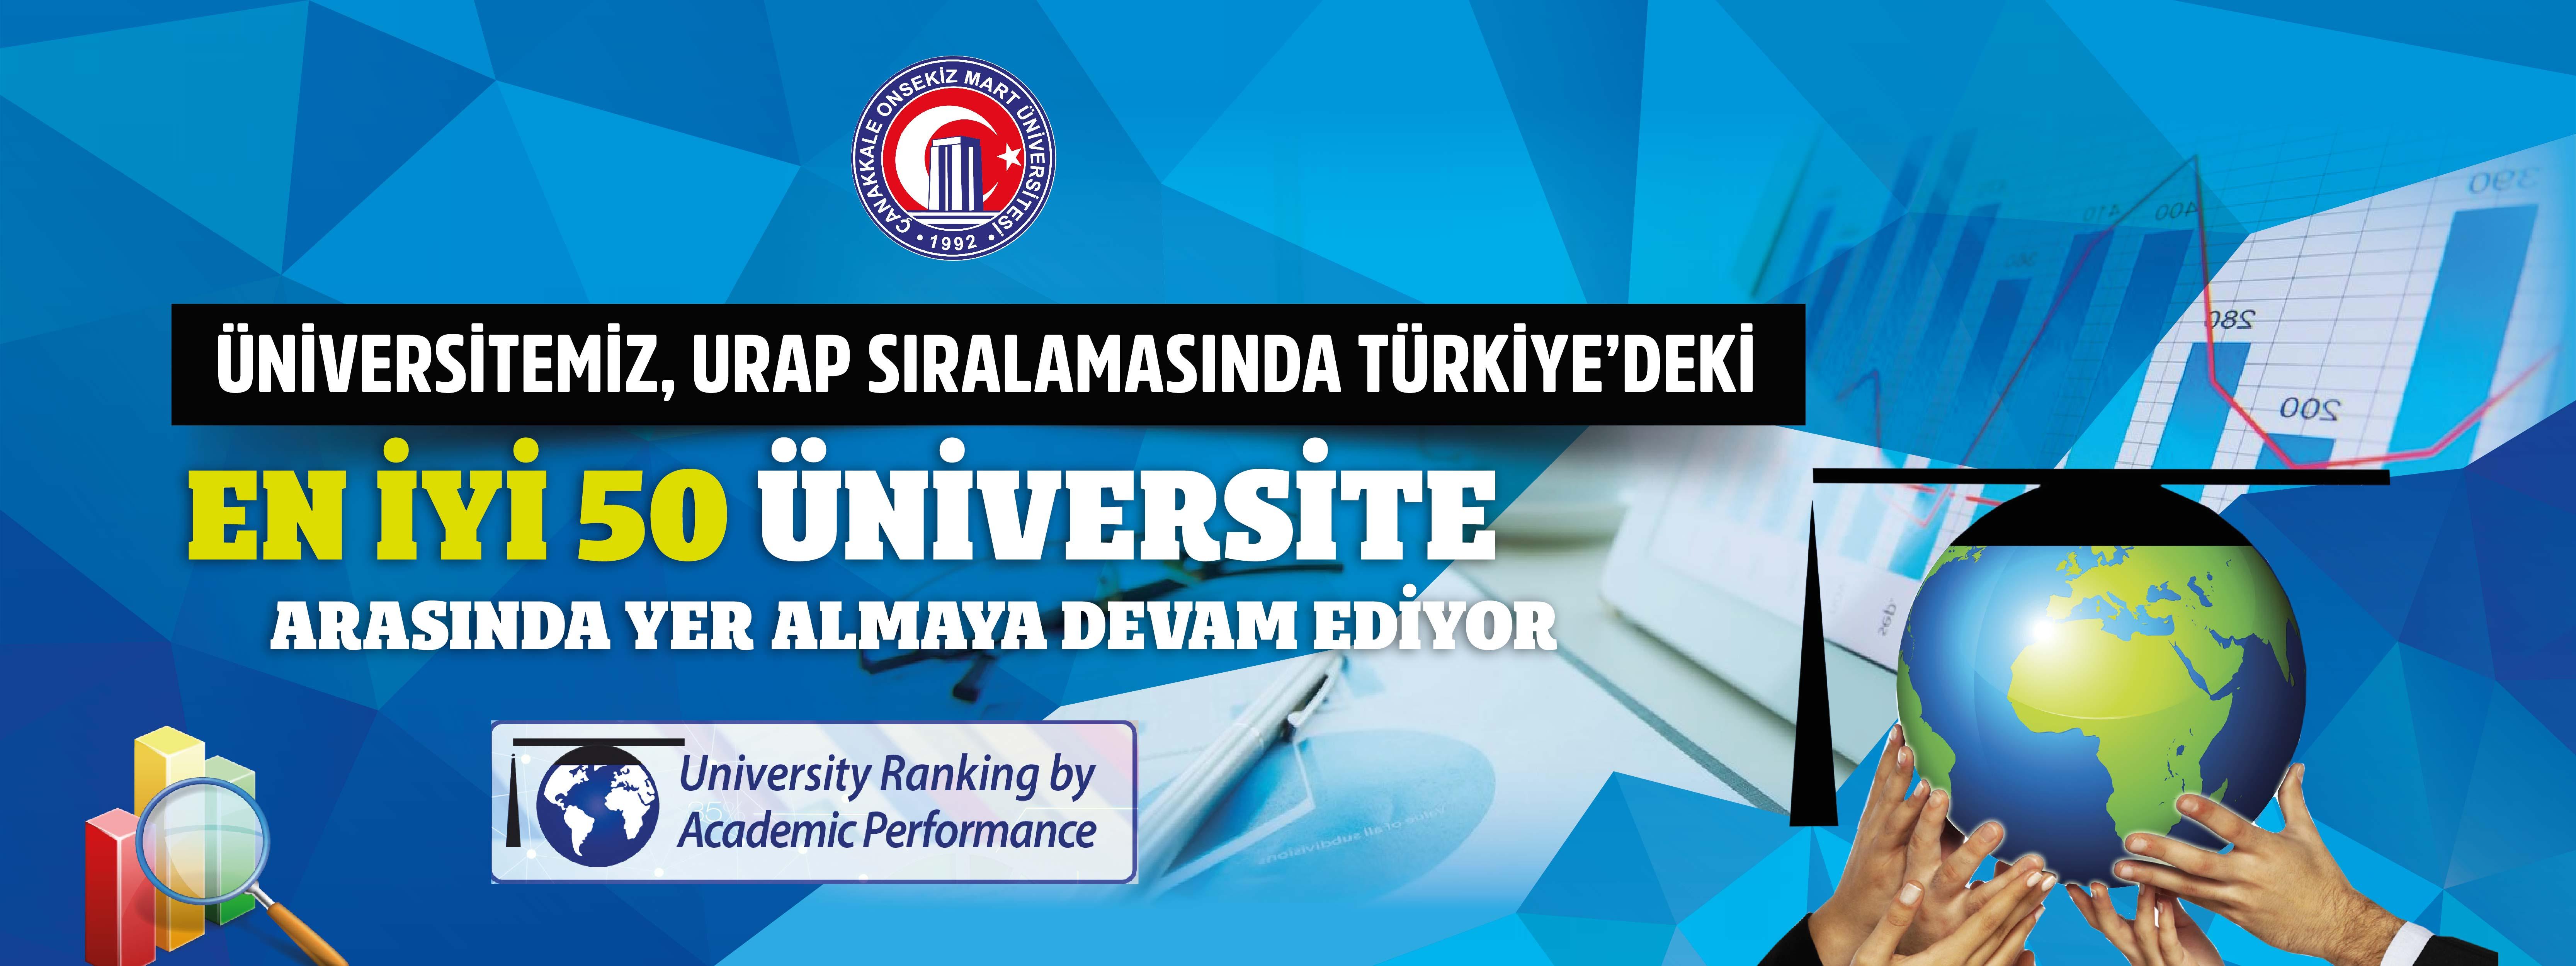 Üniversitemiz, URAP Sıralamasında Türkiye'deki En İyi 50 Üniversite Arasında Yer Almaya Devam Ediyor